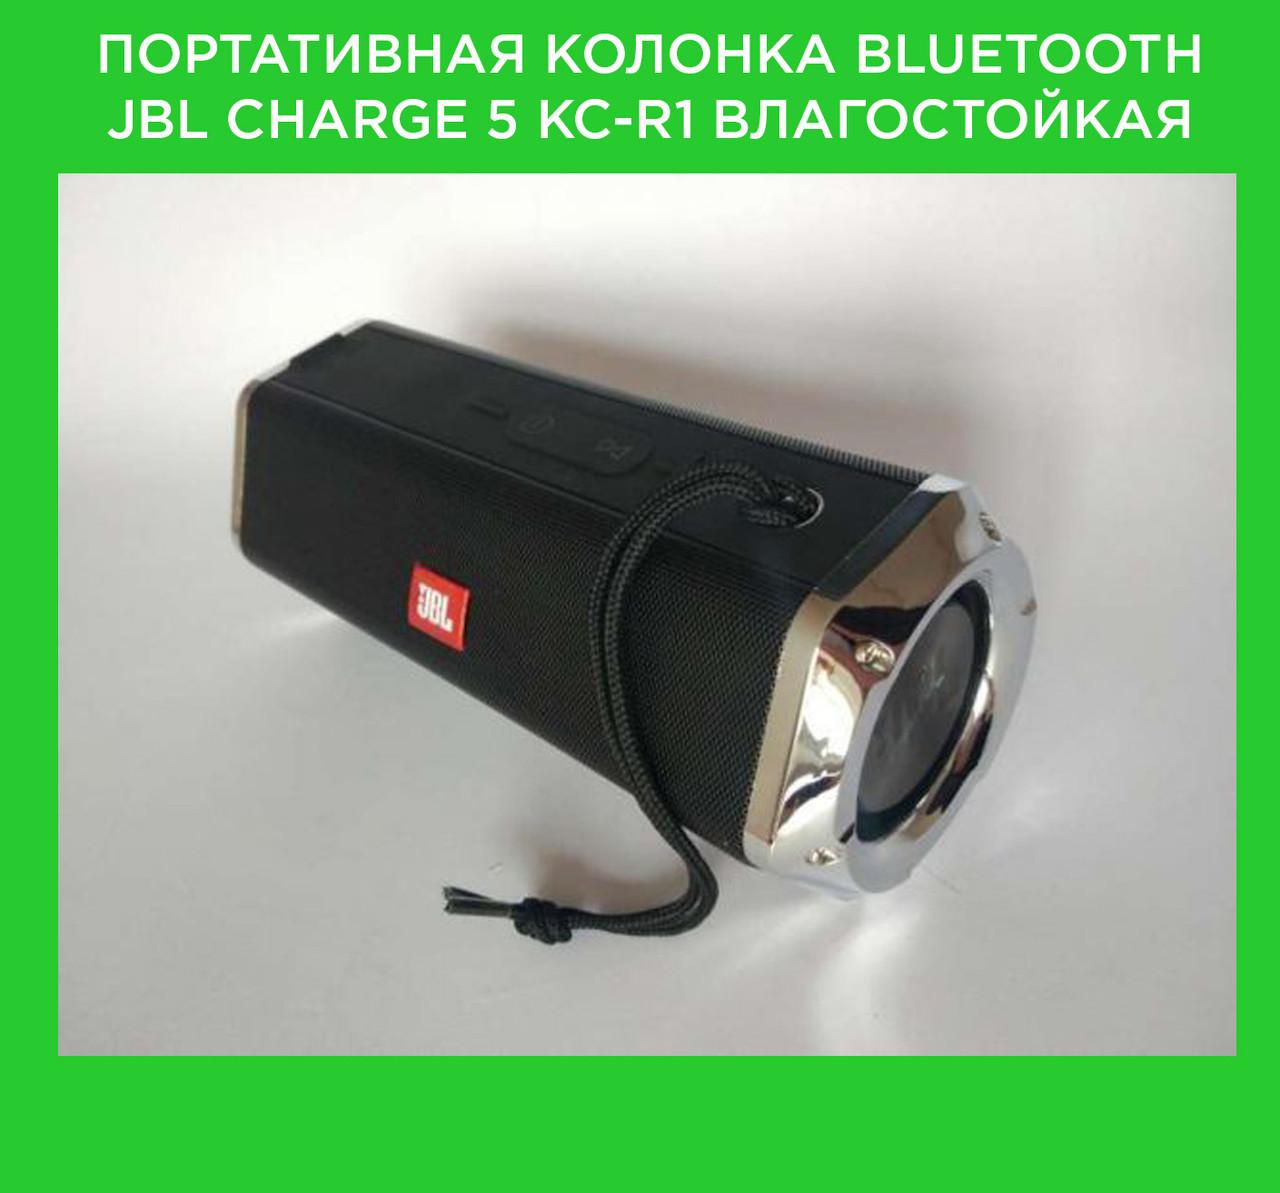 Портативная колонка Bluetooth JBL CHARGE 5 KC-R1 влагостойкая!Акция